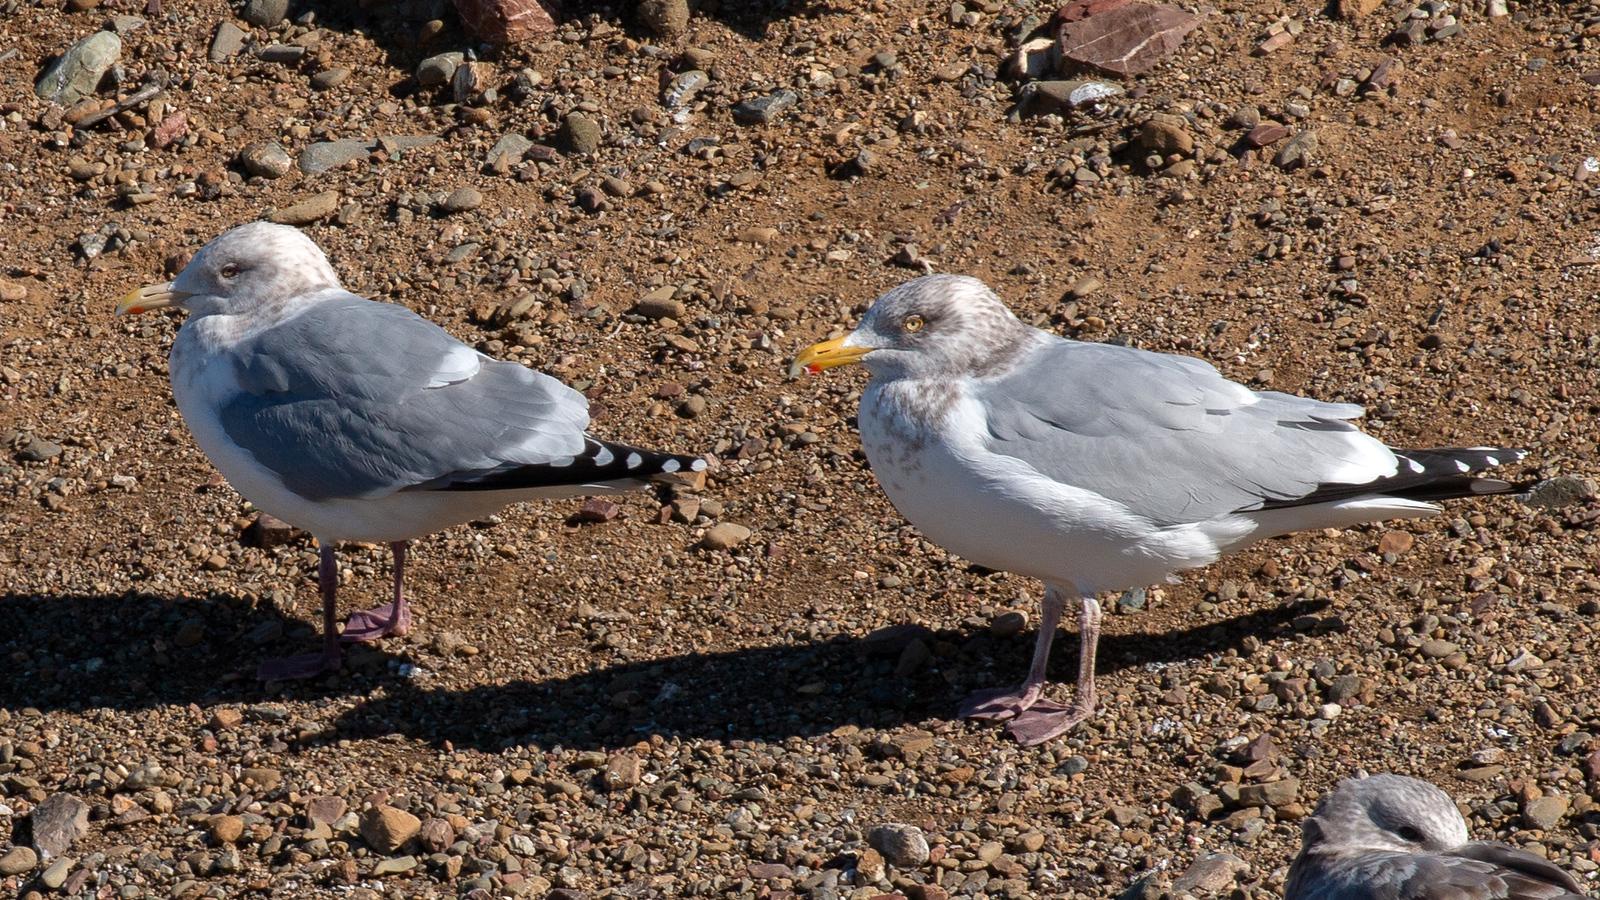 Iceland Gull and Herring Gull - Adults